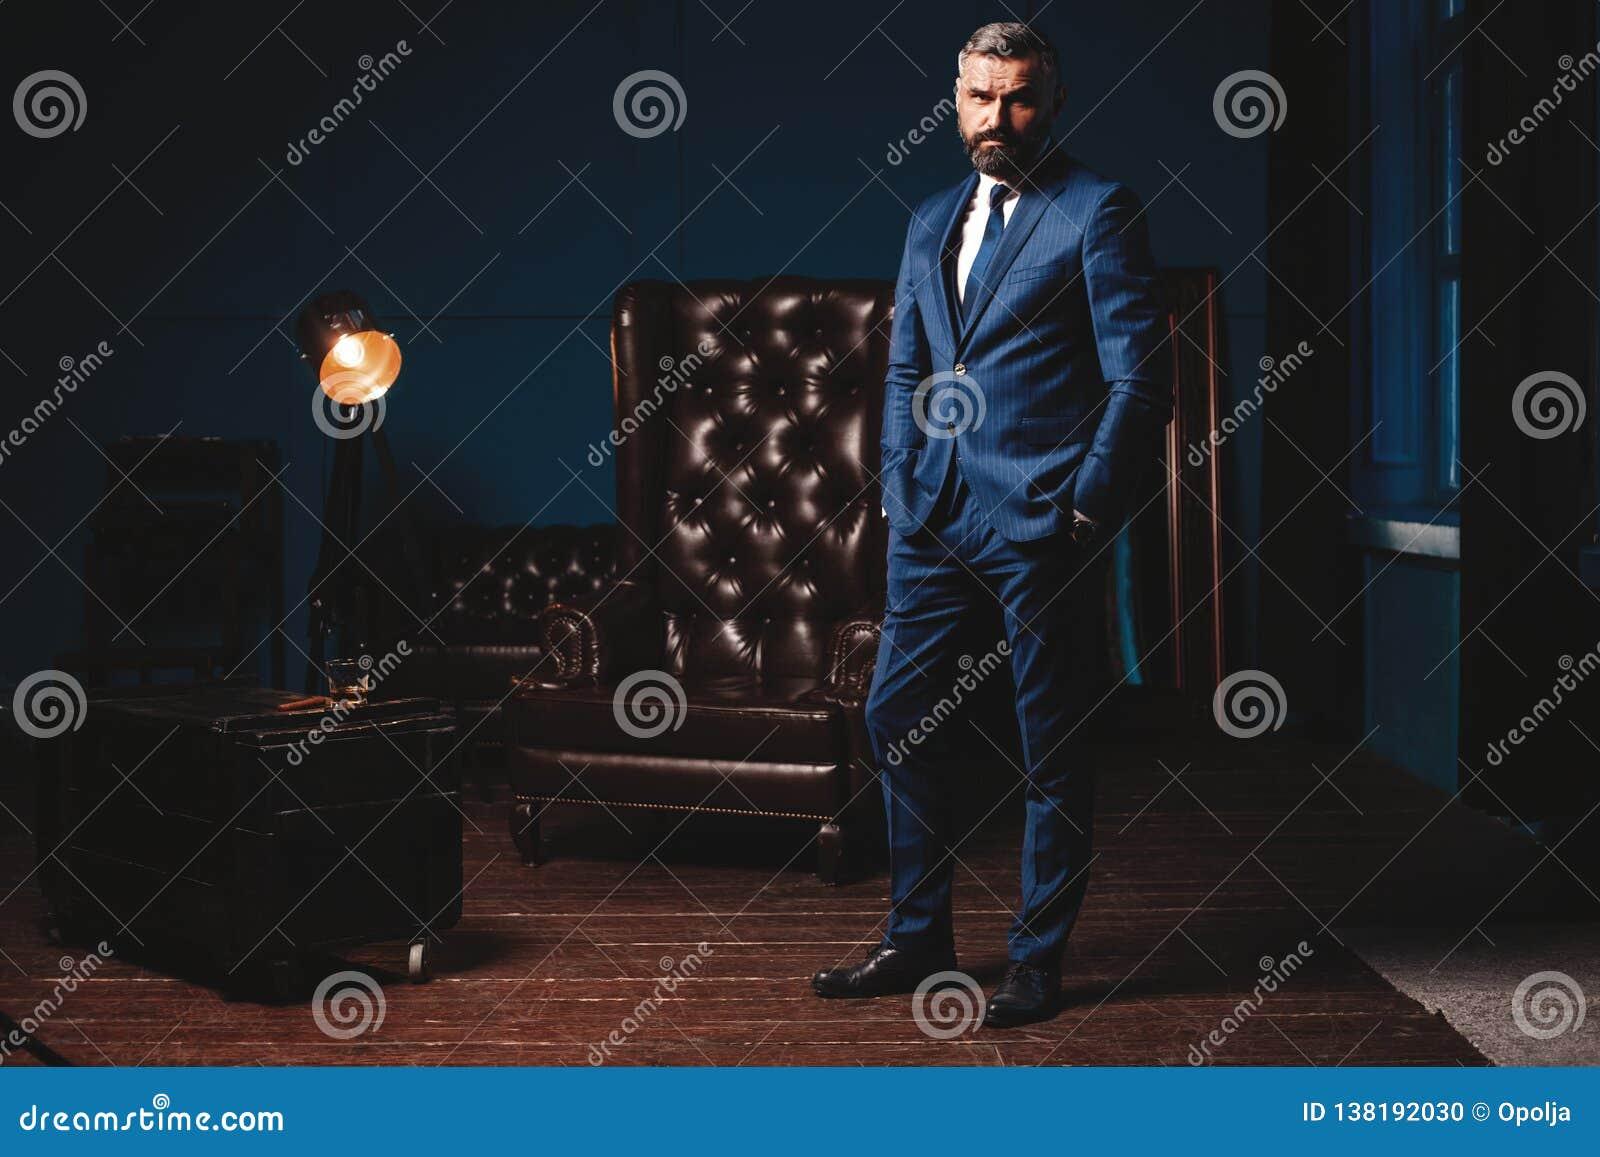 Όμορφο άτομο στο κομψό κοστούμι στο εσωτερικό πολυτέλειας Πορτρέτο κινηματογραφήσεων σε πρώτο πλάνο του μοντέρνου βέβαιου ατόμου